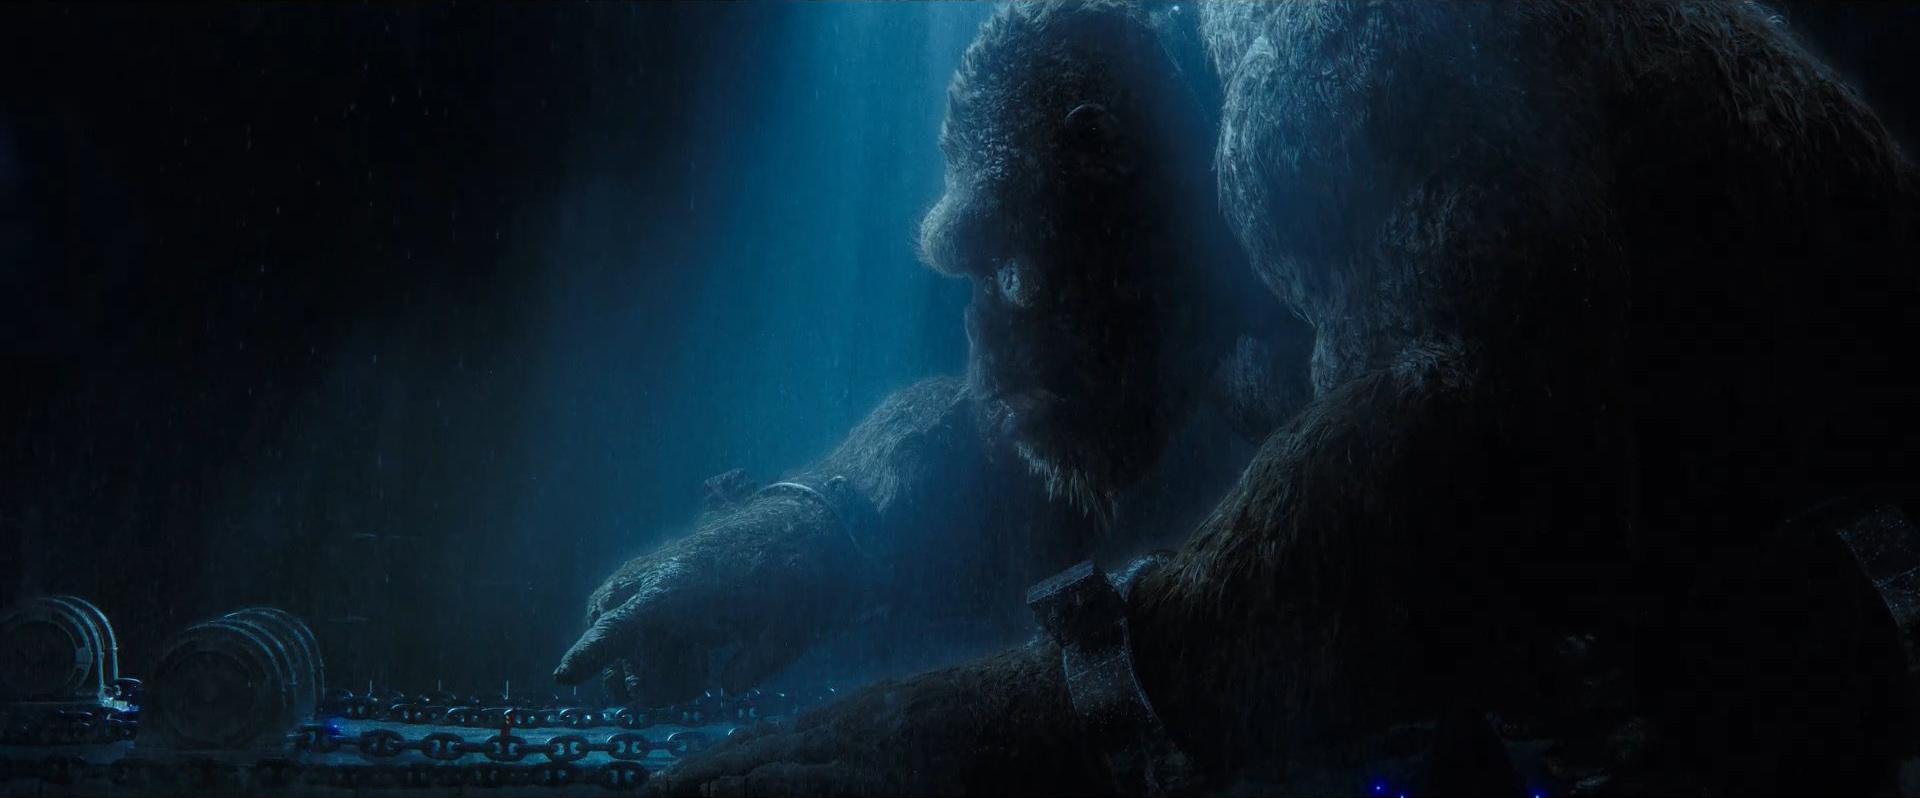 Godzilla vs Kong Trailer Still 22 - Kong girl communicate